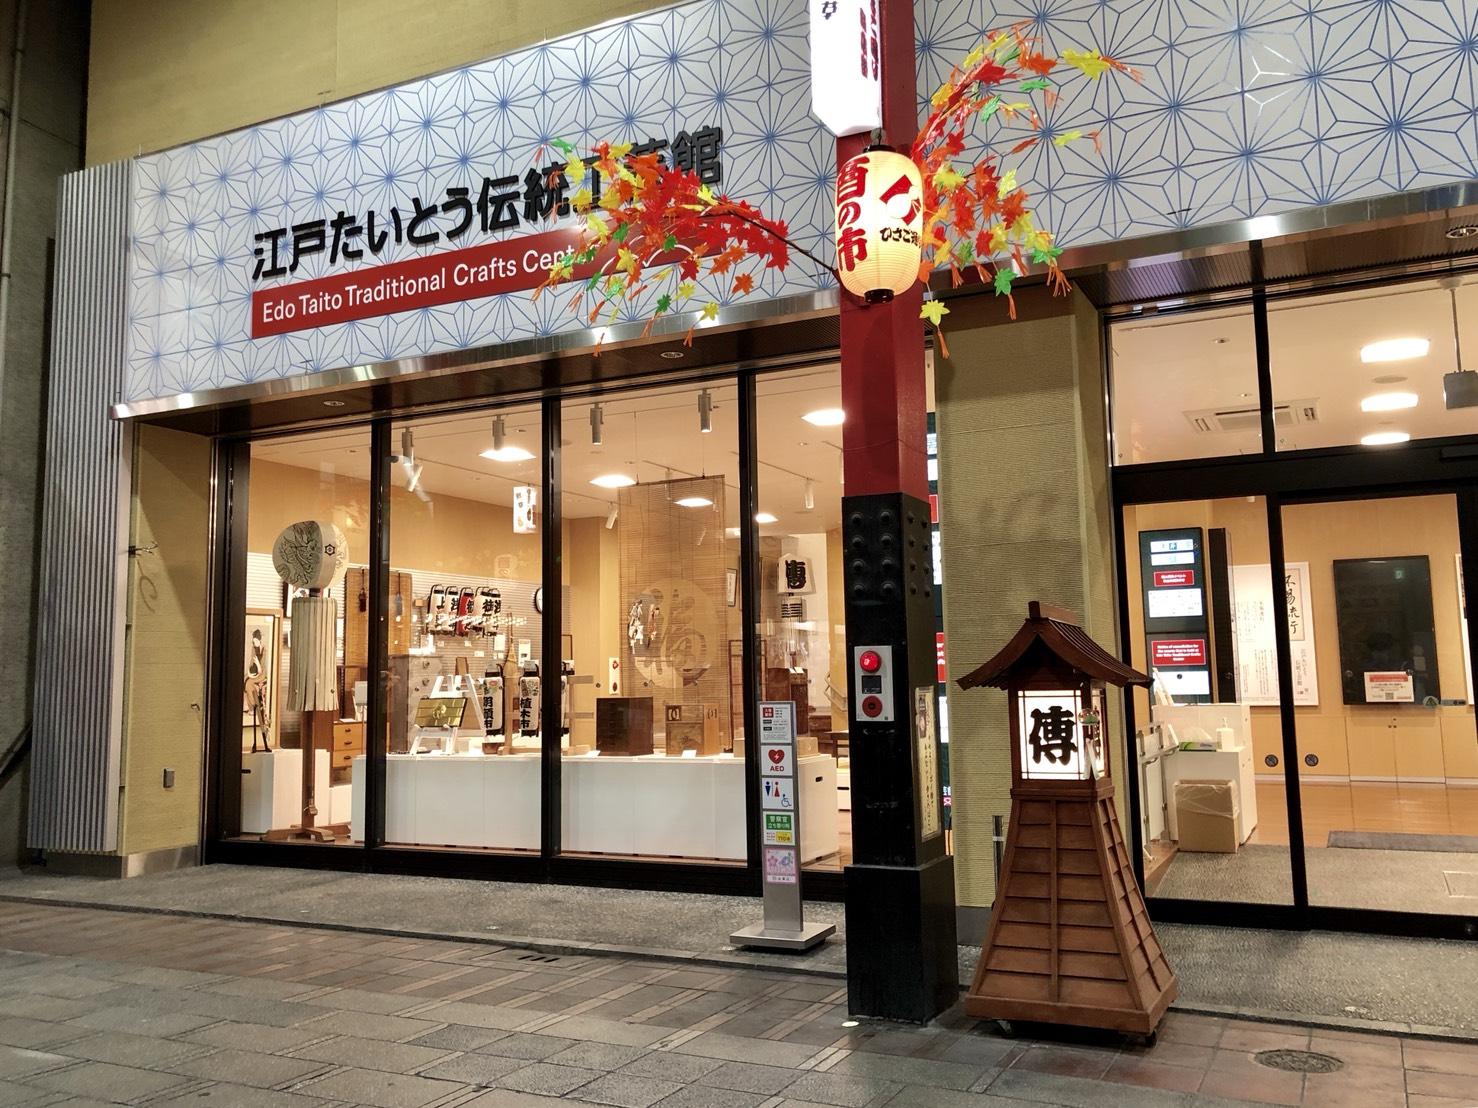 江戸たいとう伝統工芸館(浅草)